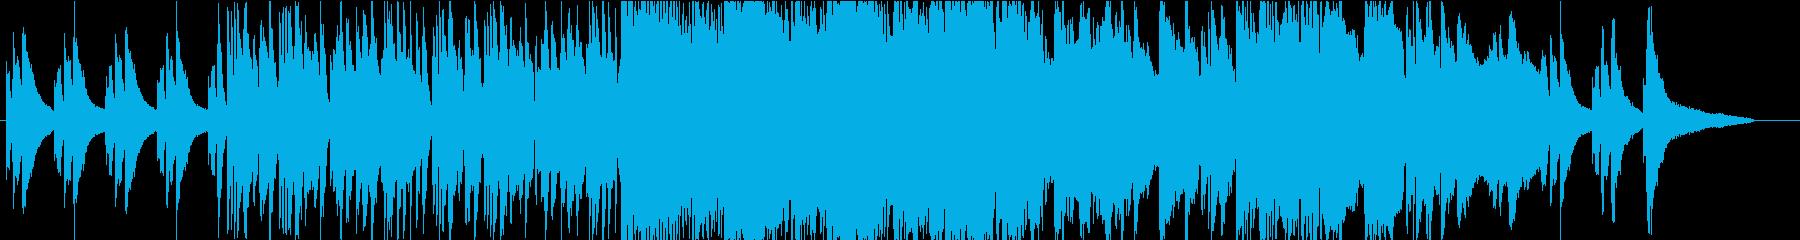 ピアノとサックスのドラマチックなBGMの再生済みの波形